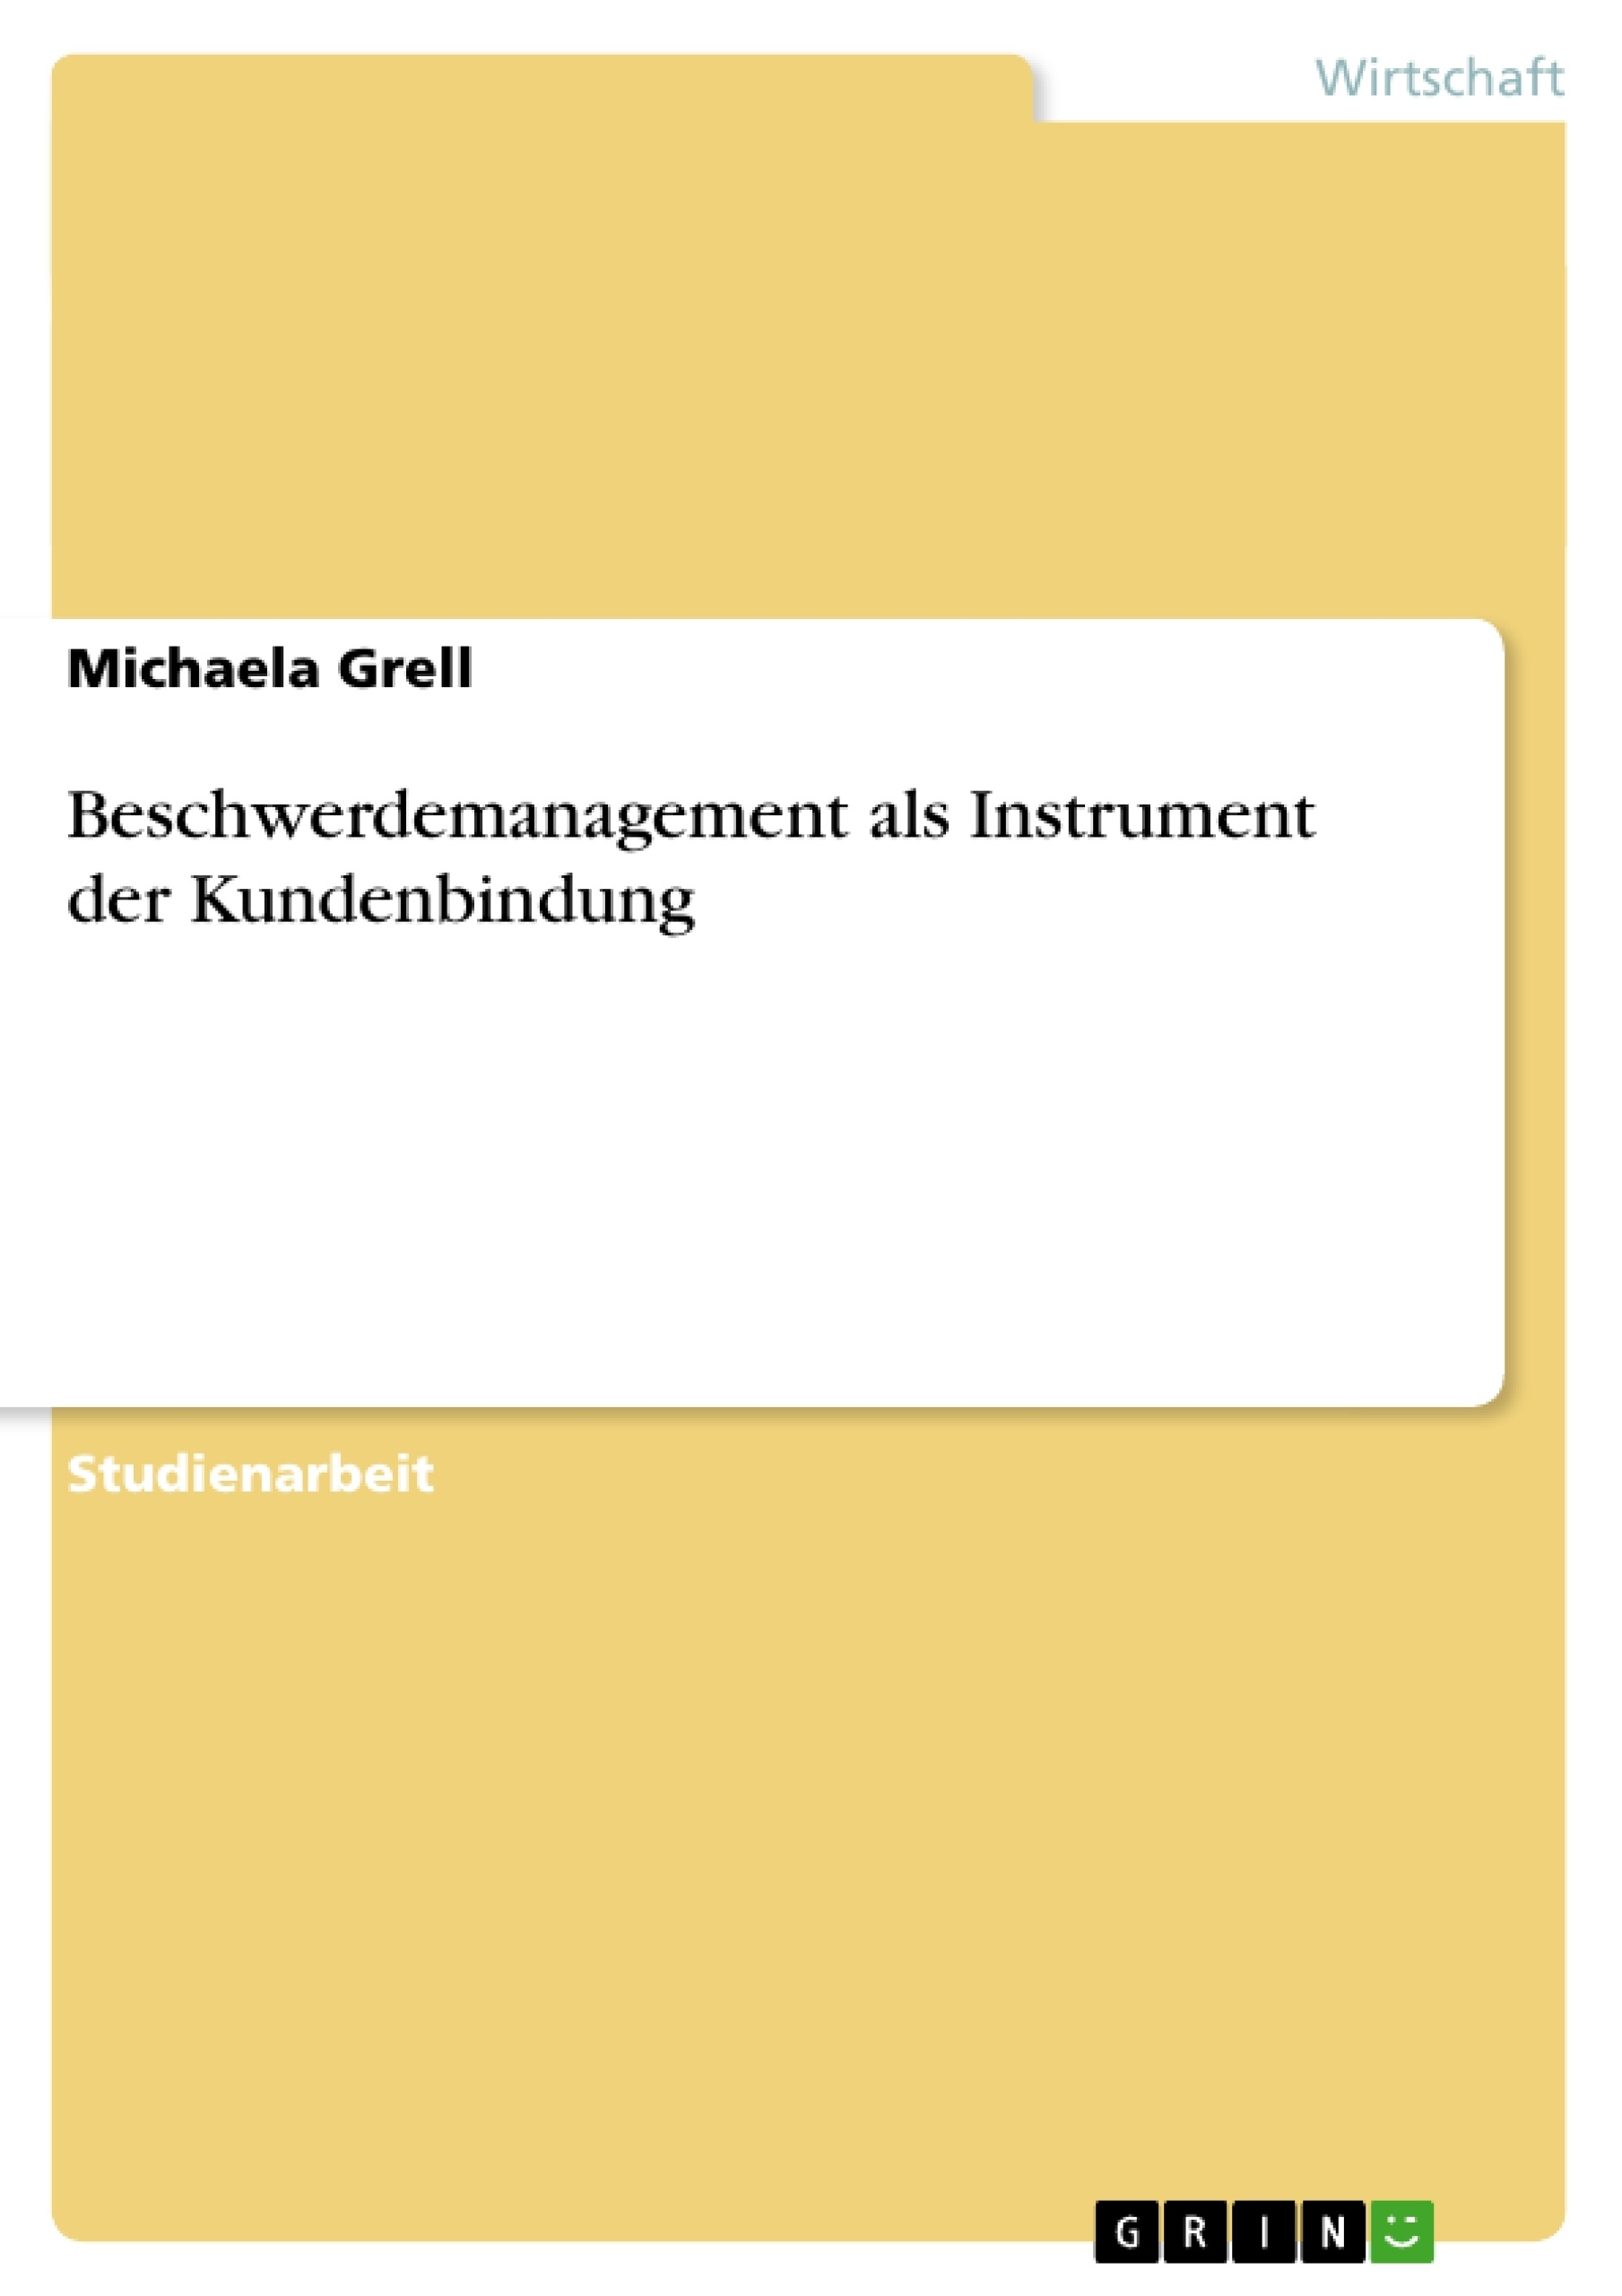 Titel: Beschwerdemanagement als Instrument der Kundenbindung